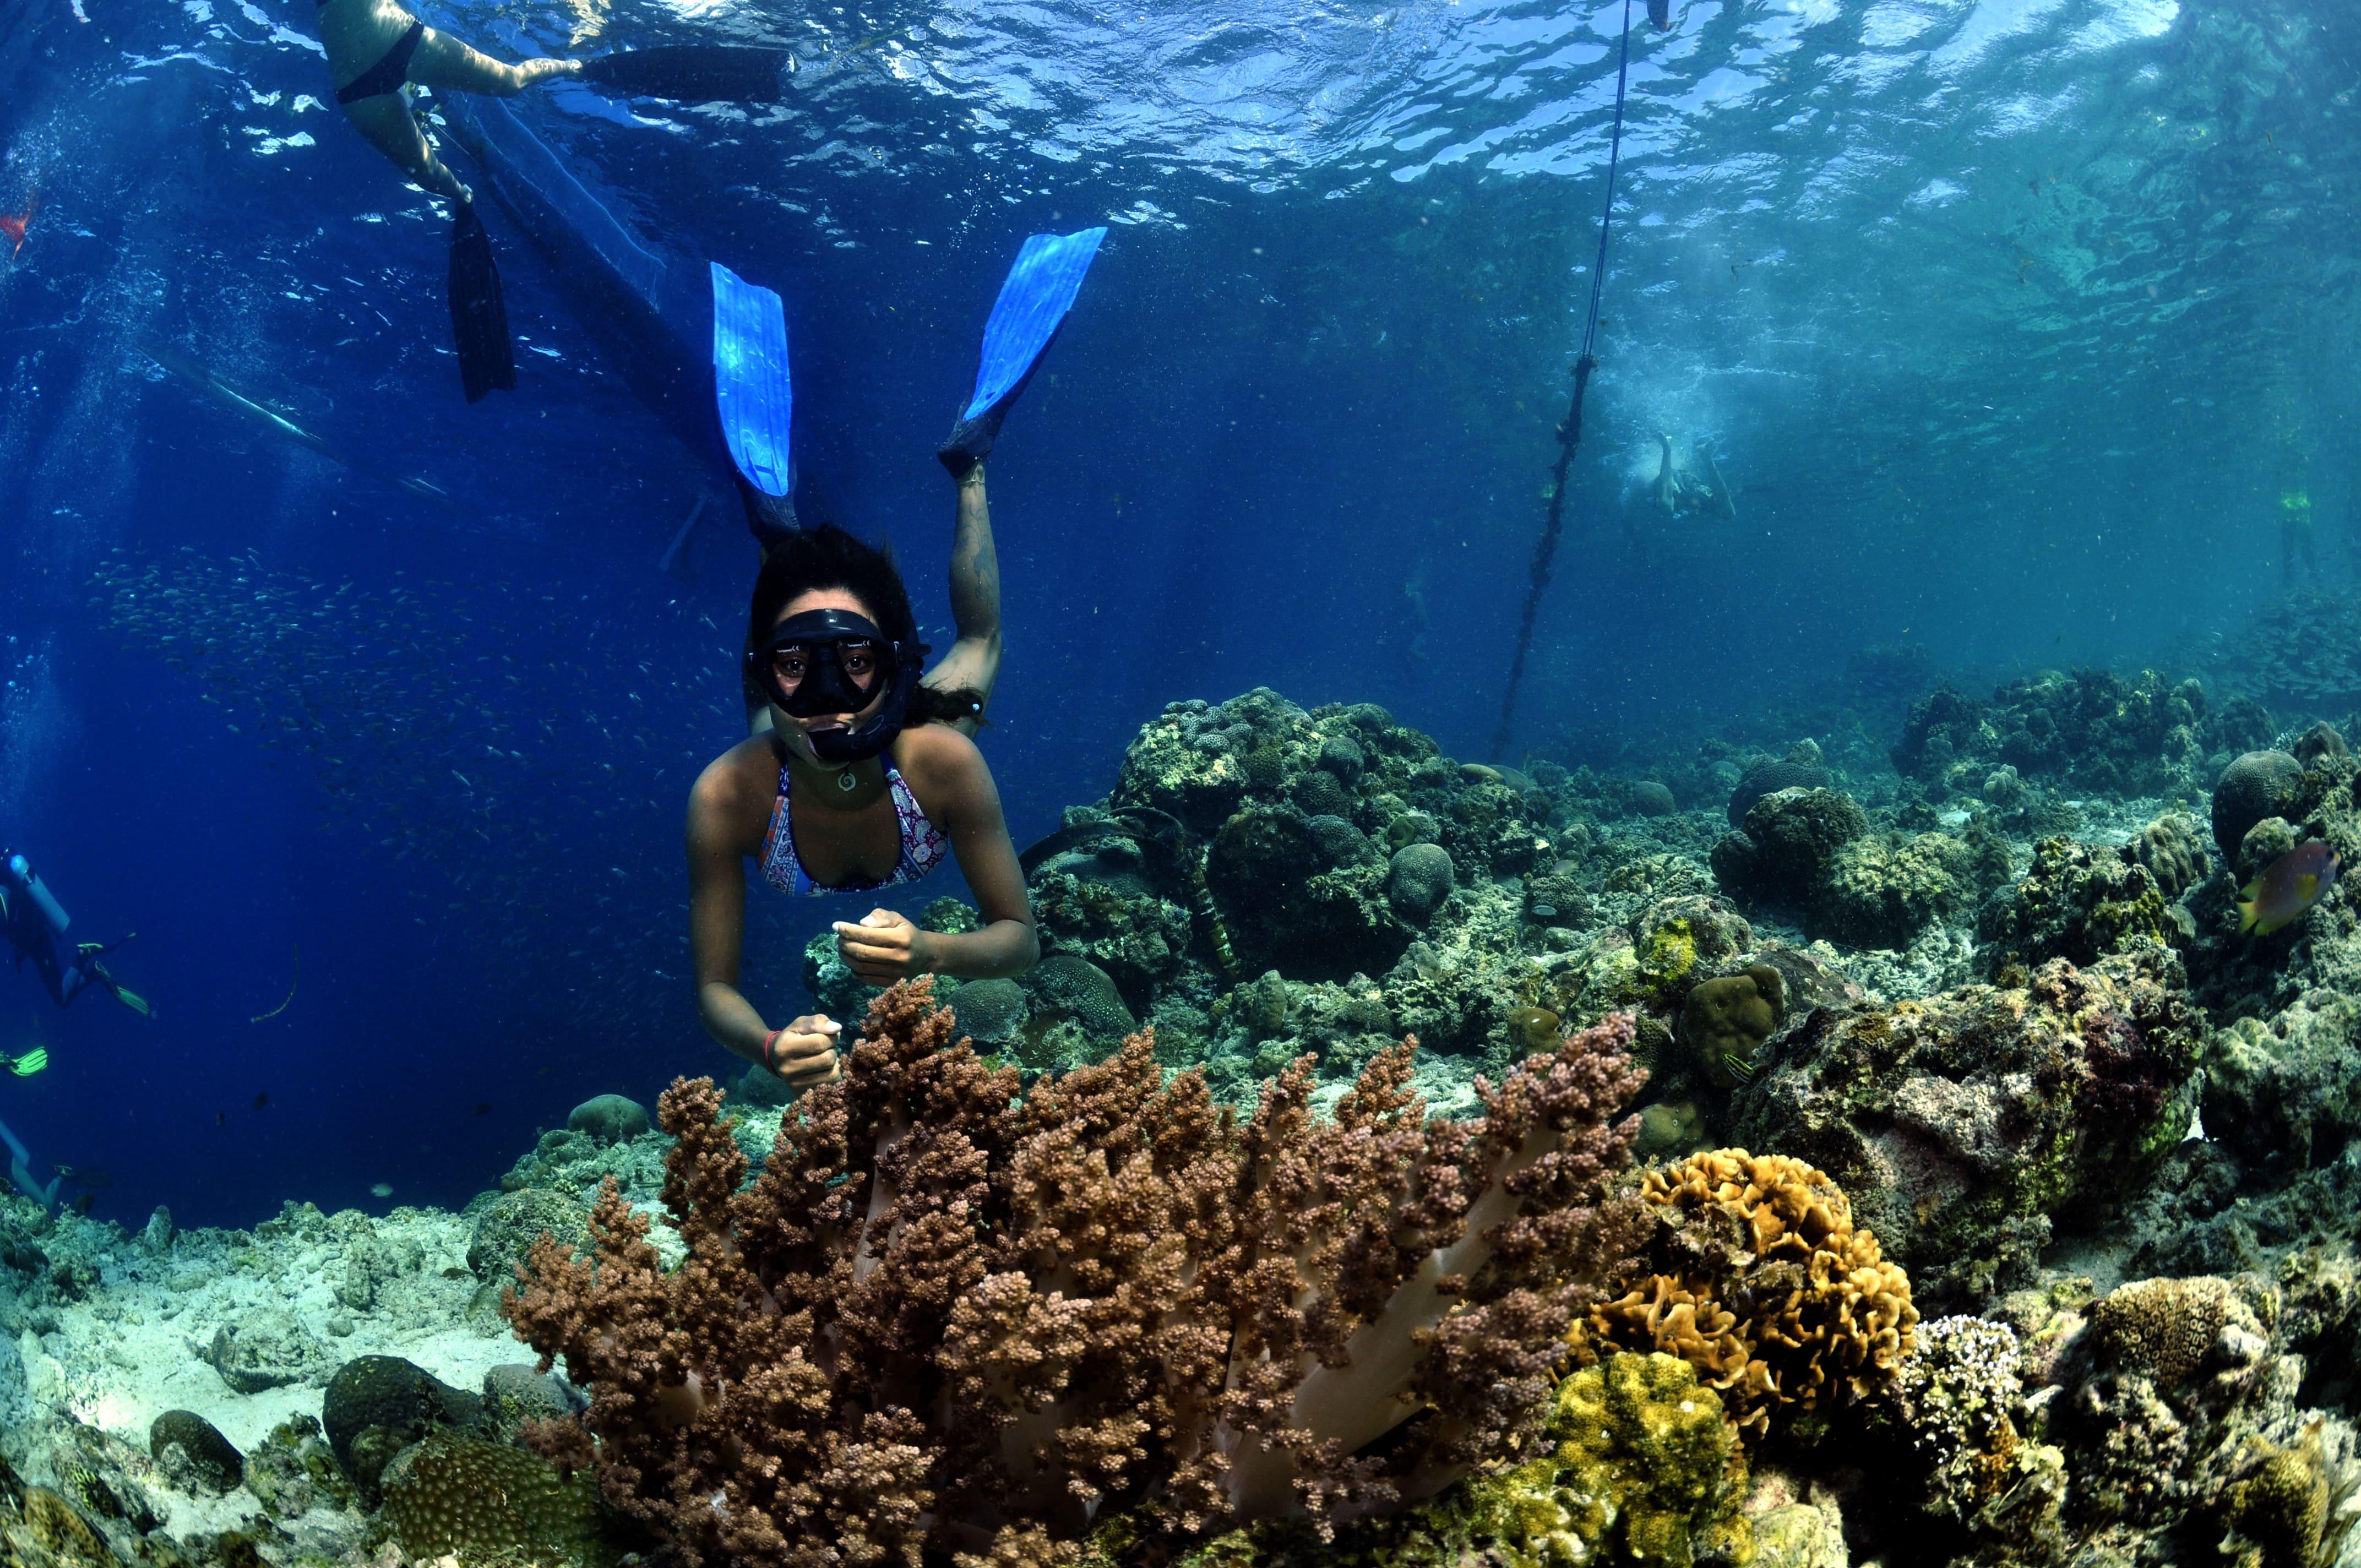 A diver during a fun dive session in Cebu